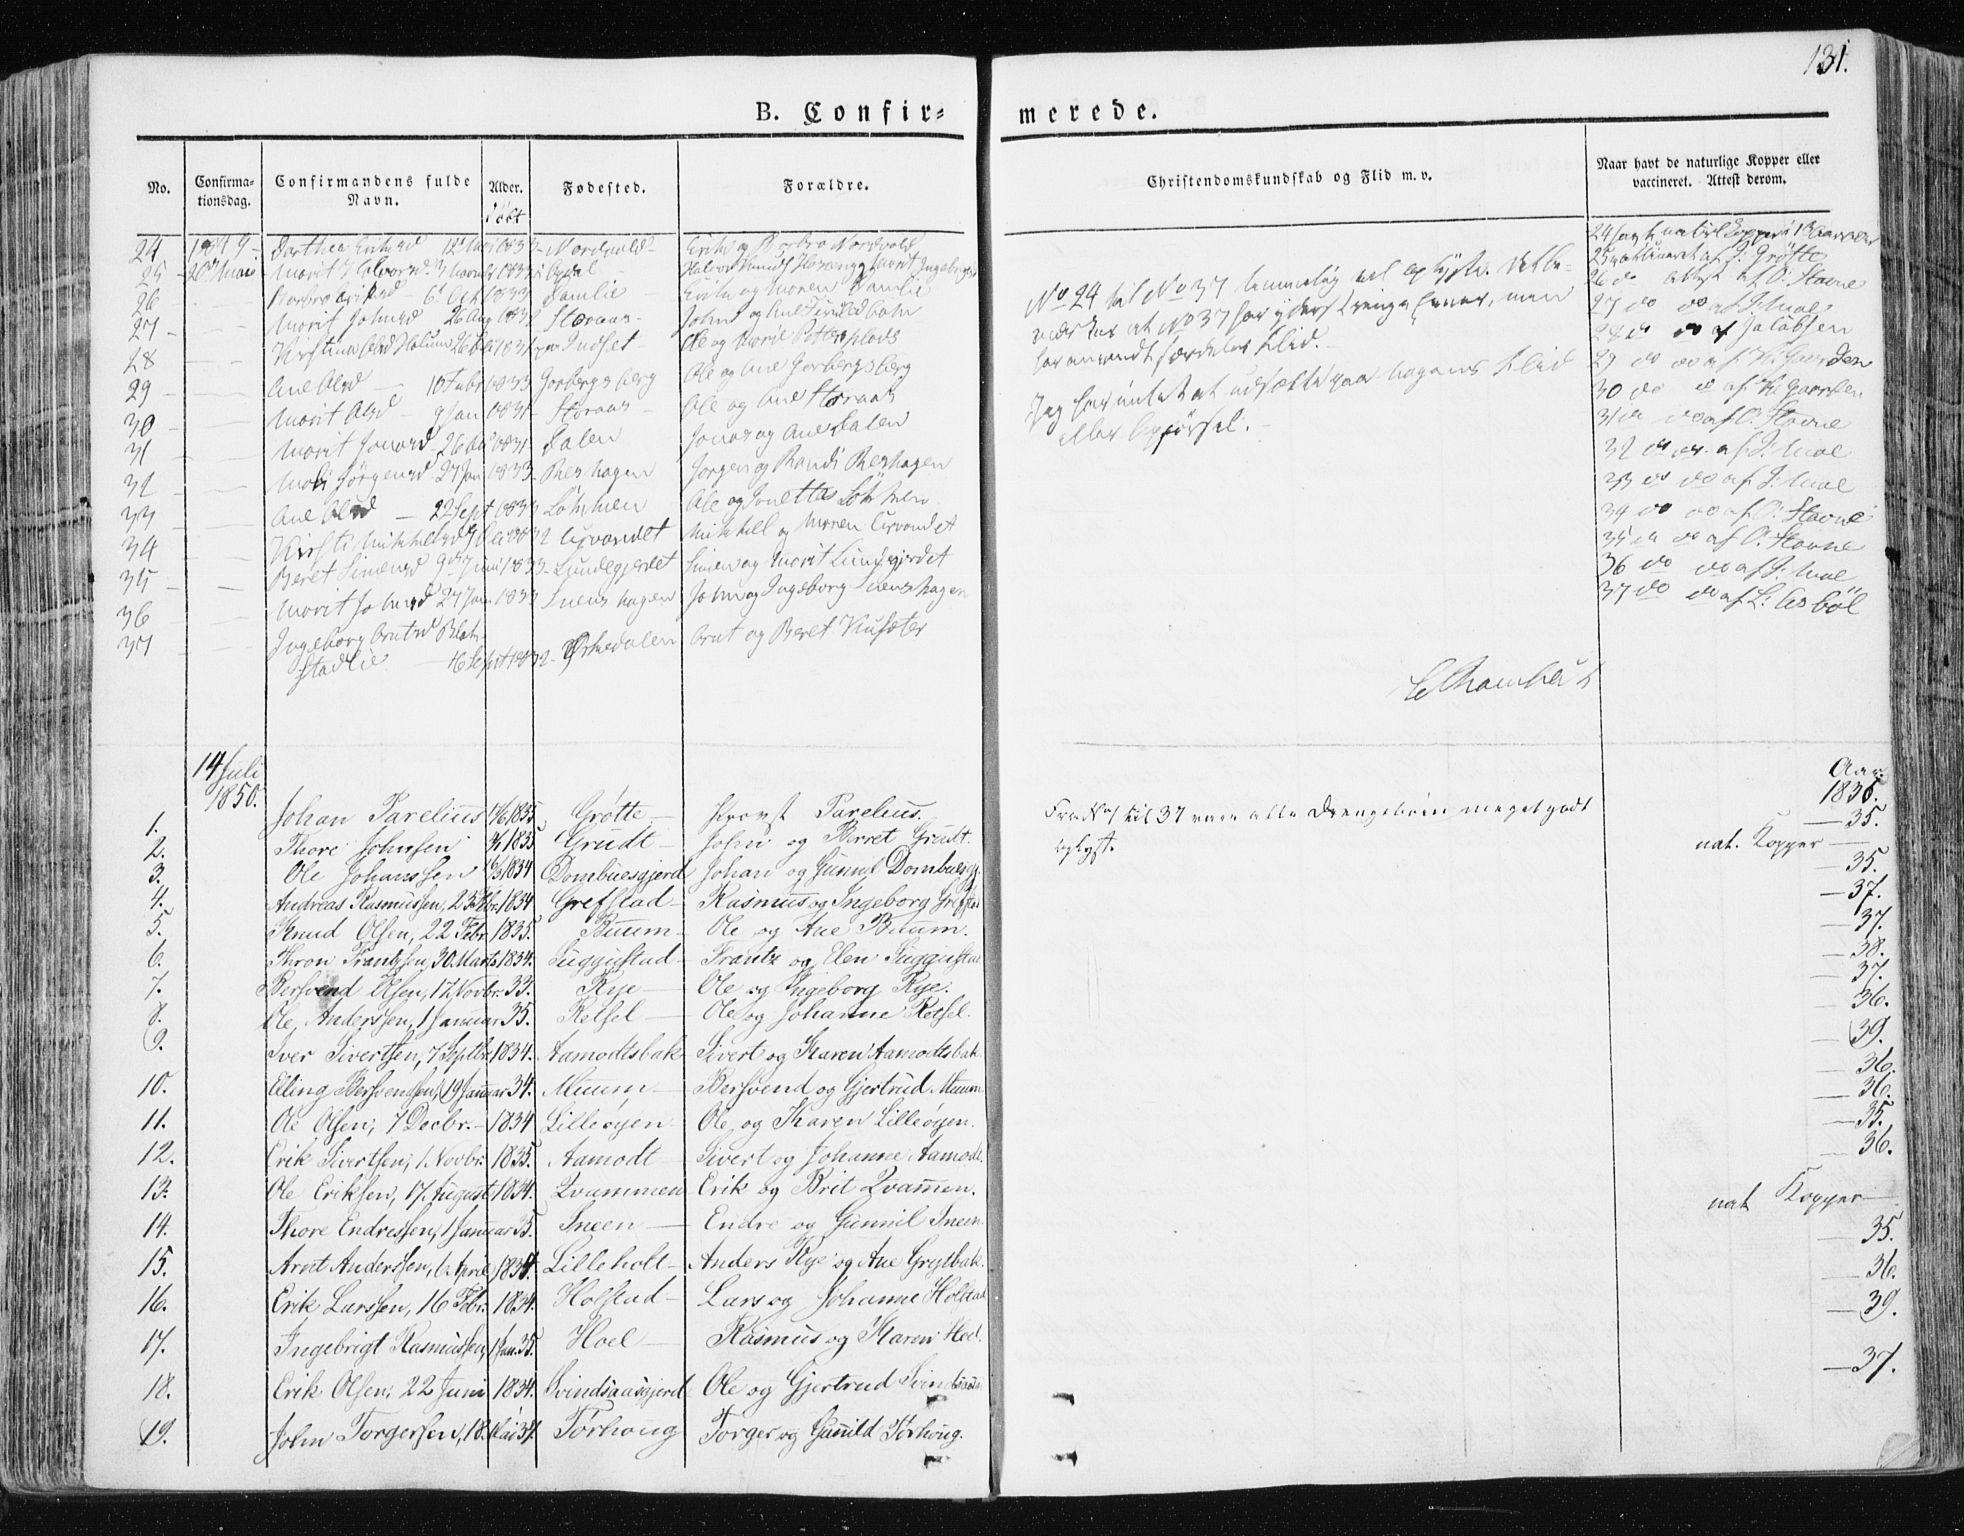 SAT, Ministerialprotokoller, klokkerbøker og fødselsregistre - Sør-Trøndelag, 672/L0855: Ministerialbok nr. 672A07, 1829-1860, s. 131